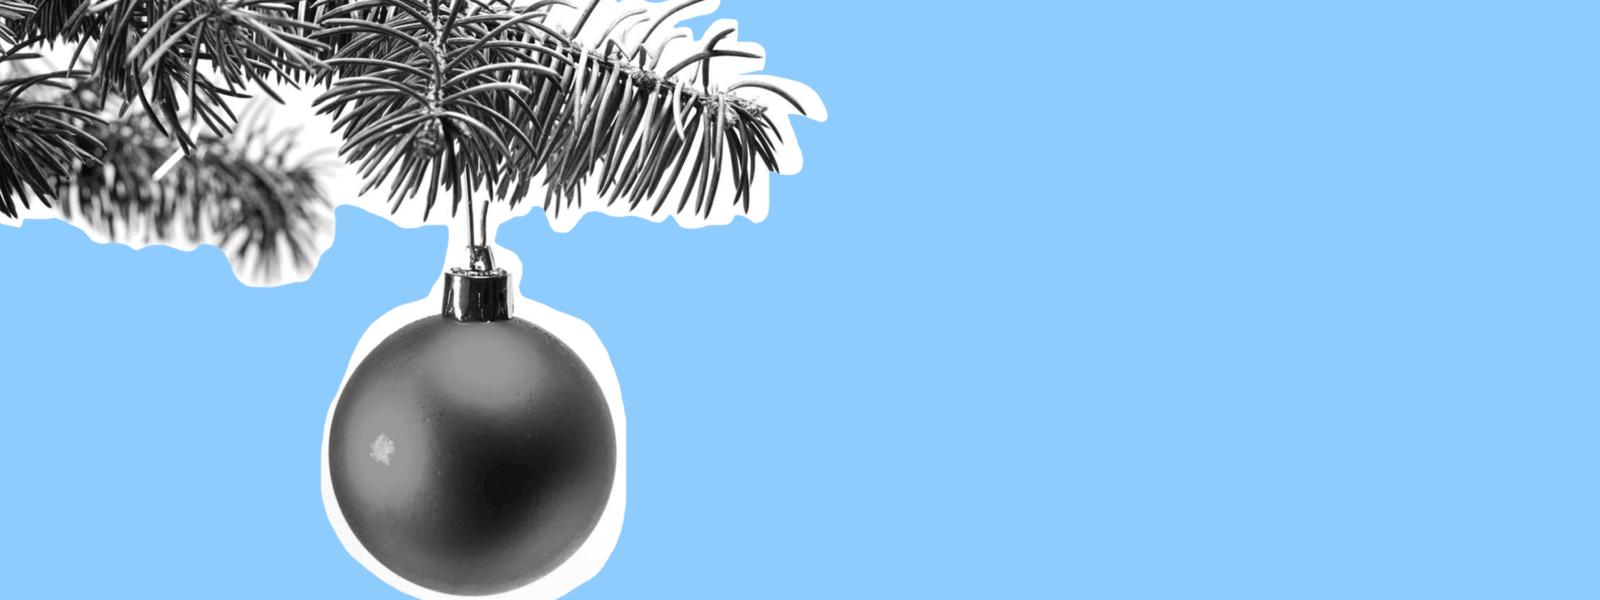 A Ukulele Christmas Hangout